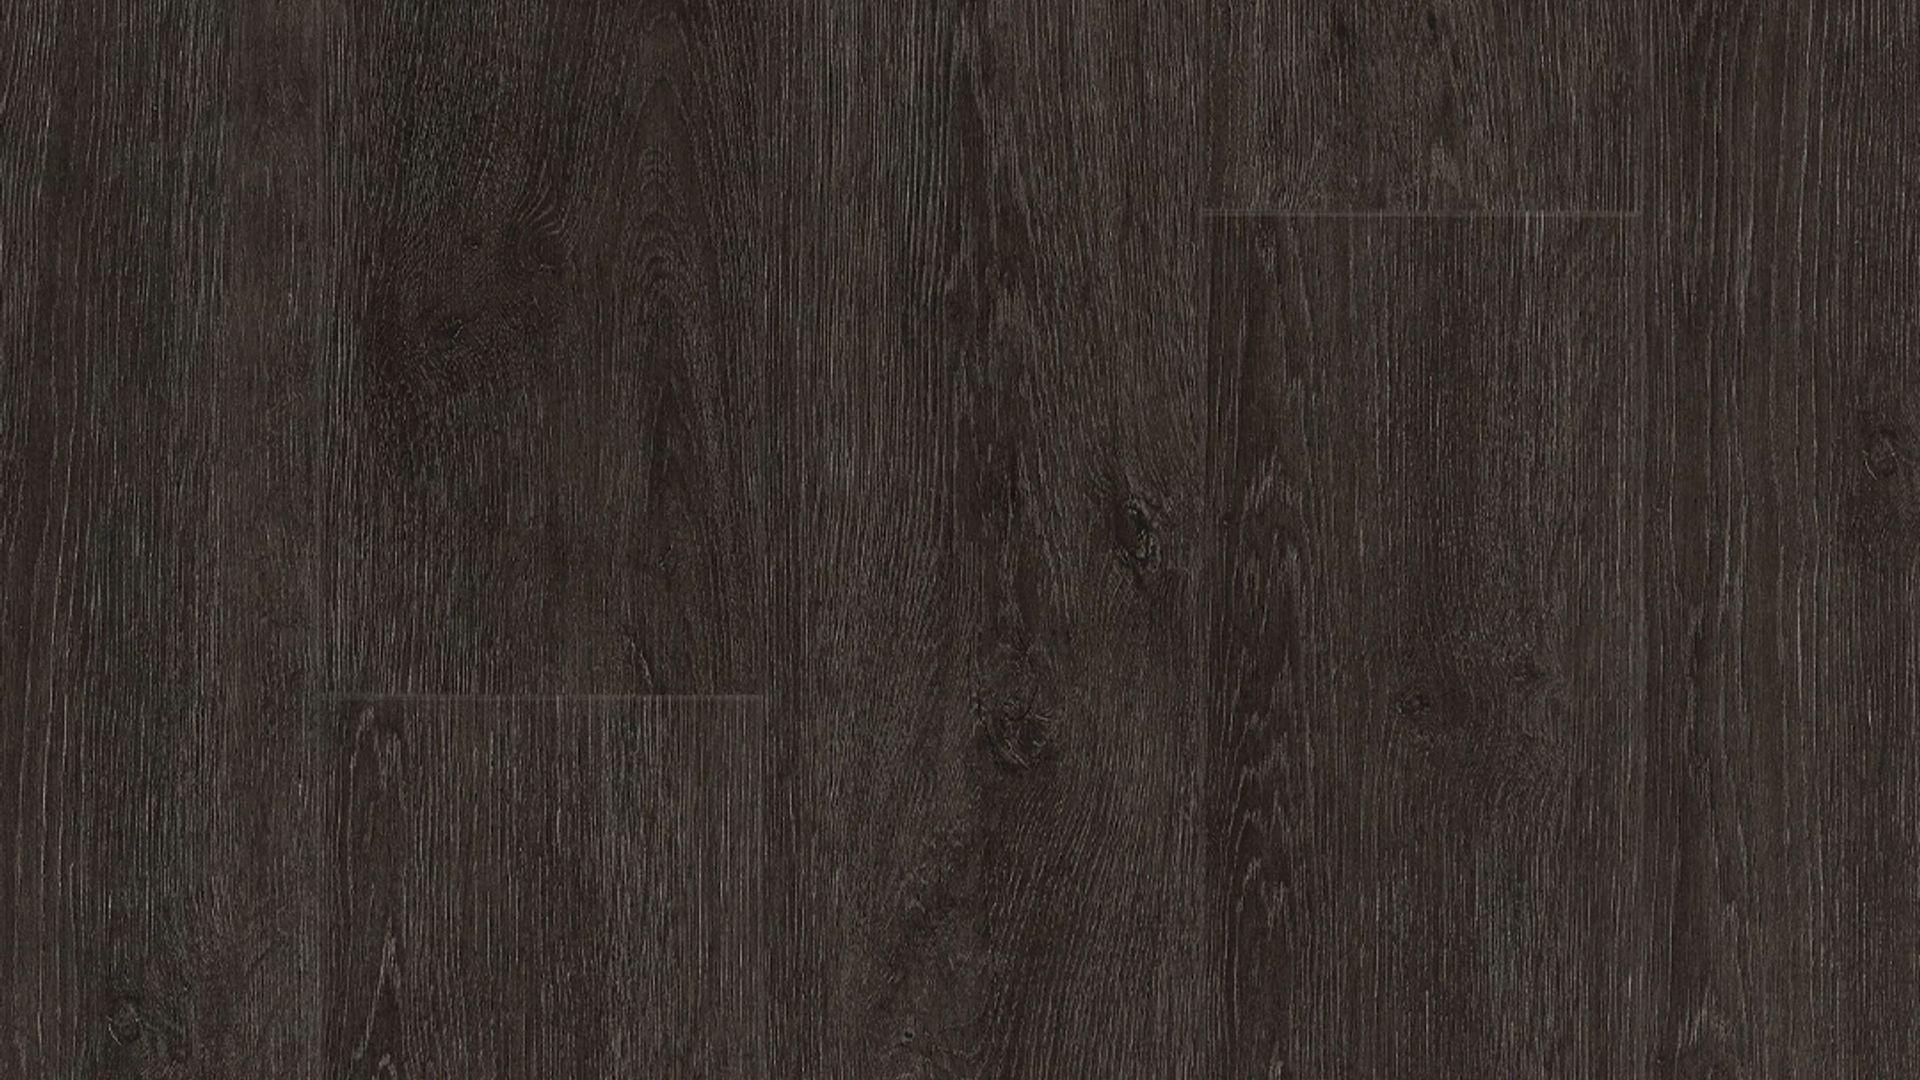 Torso EVP Vinyl Flooring Product Shot